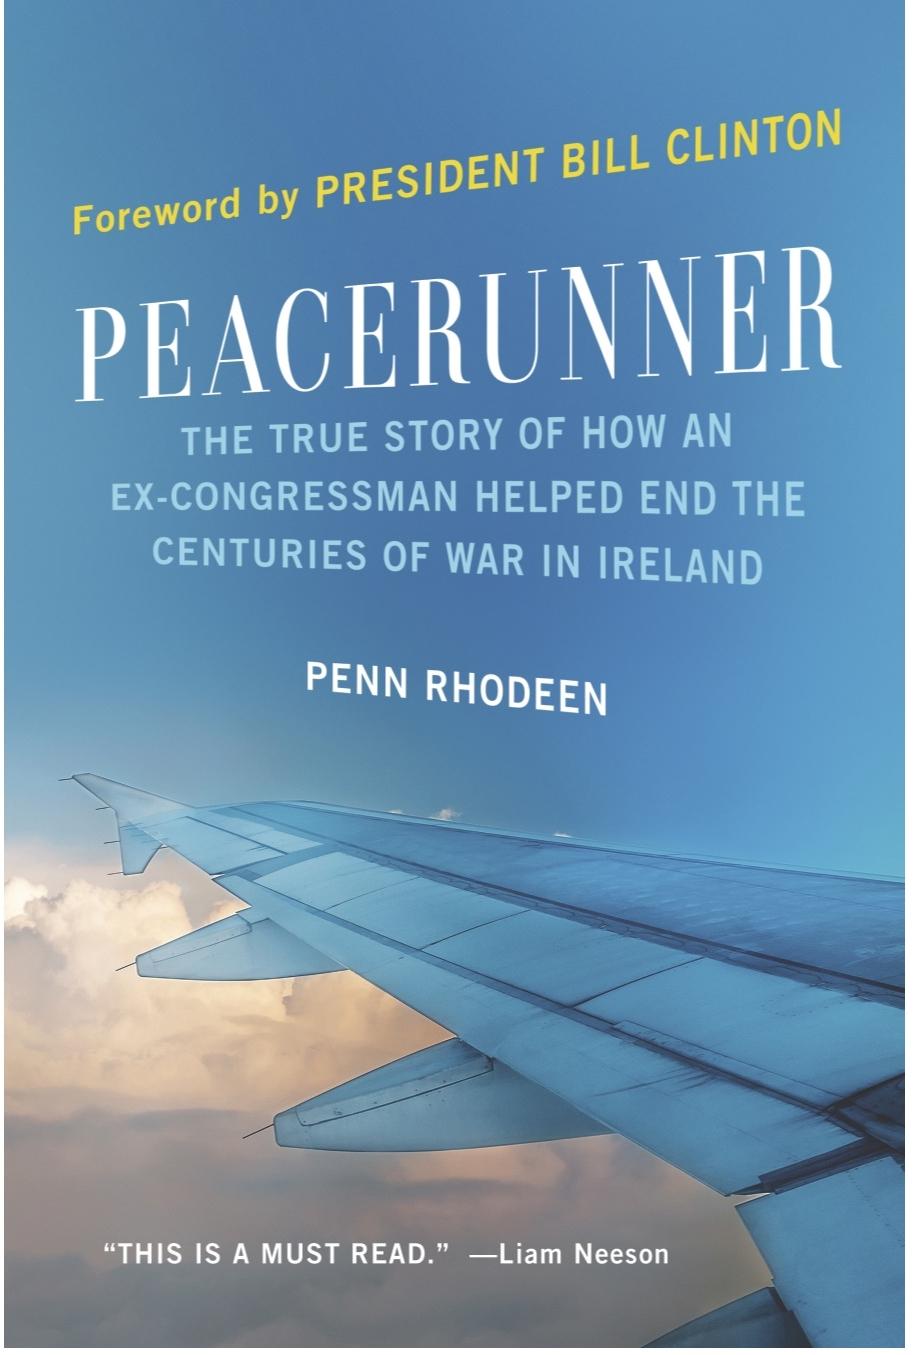 Peacerunner_FrontCover (1).jpg